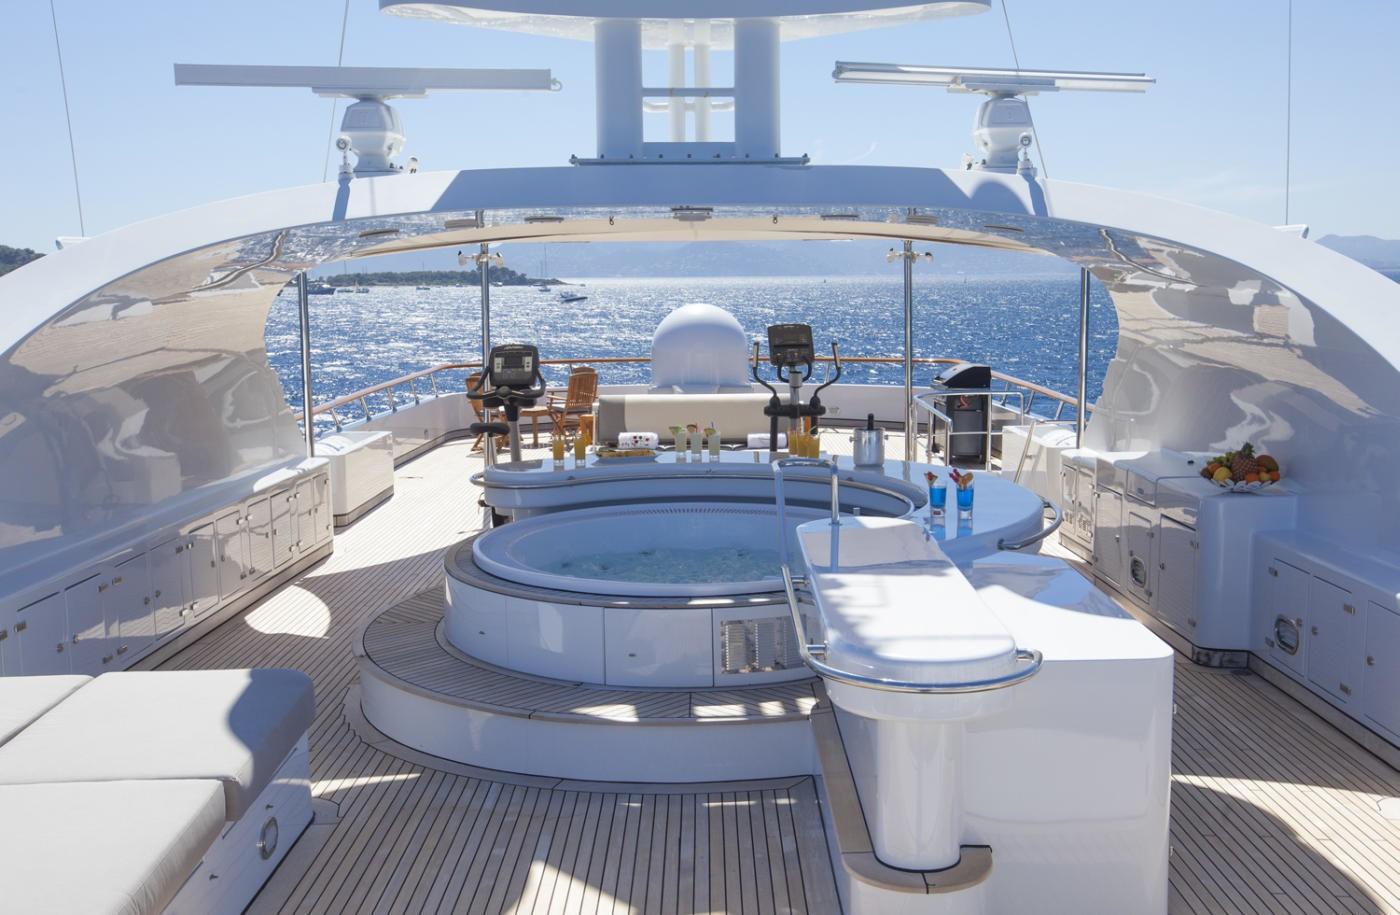 Sun deck Jacuzzi aboard LADY ELLEN II superyacht